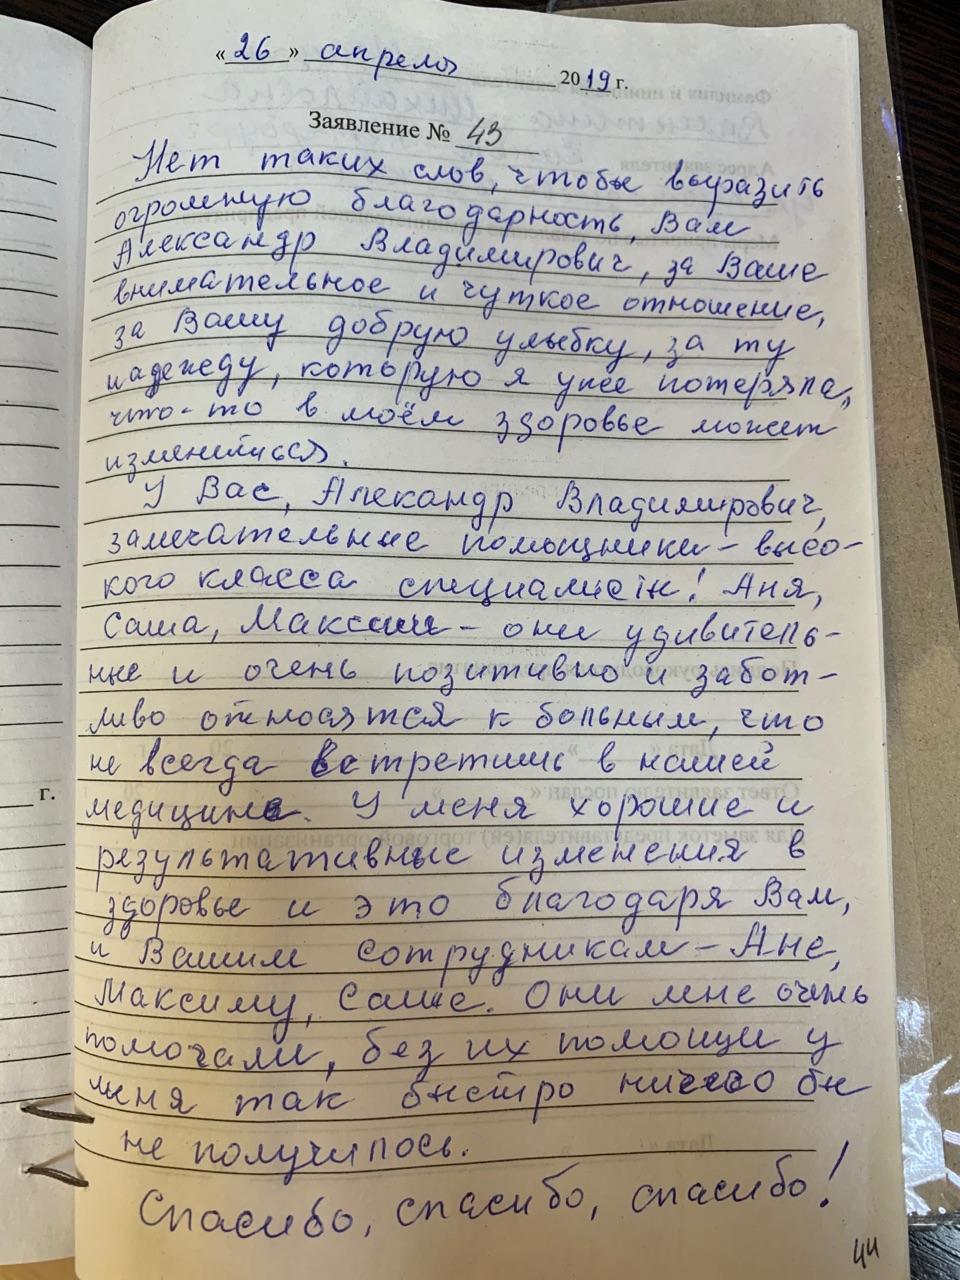 Отзыв о клинике САВИТА — Мощак Валентина Михайловна